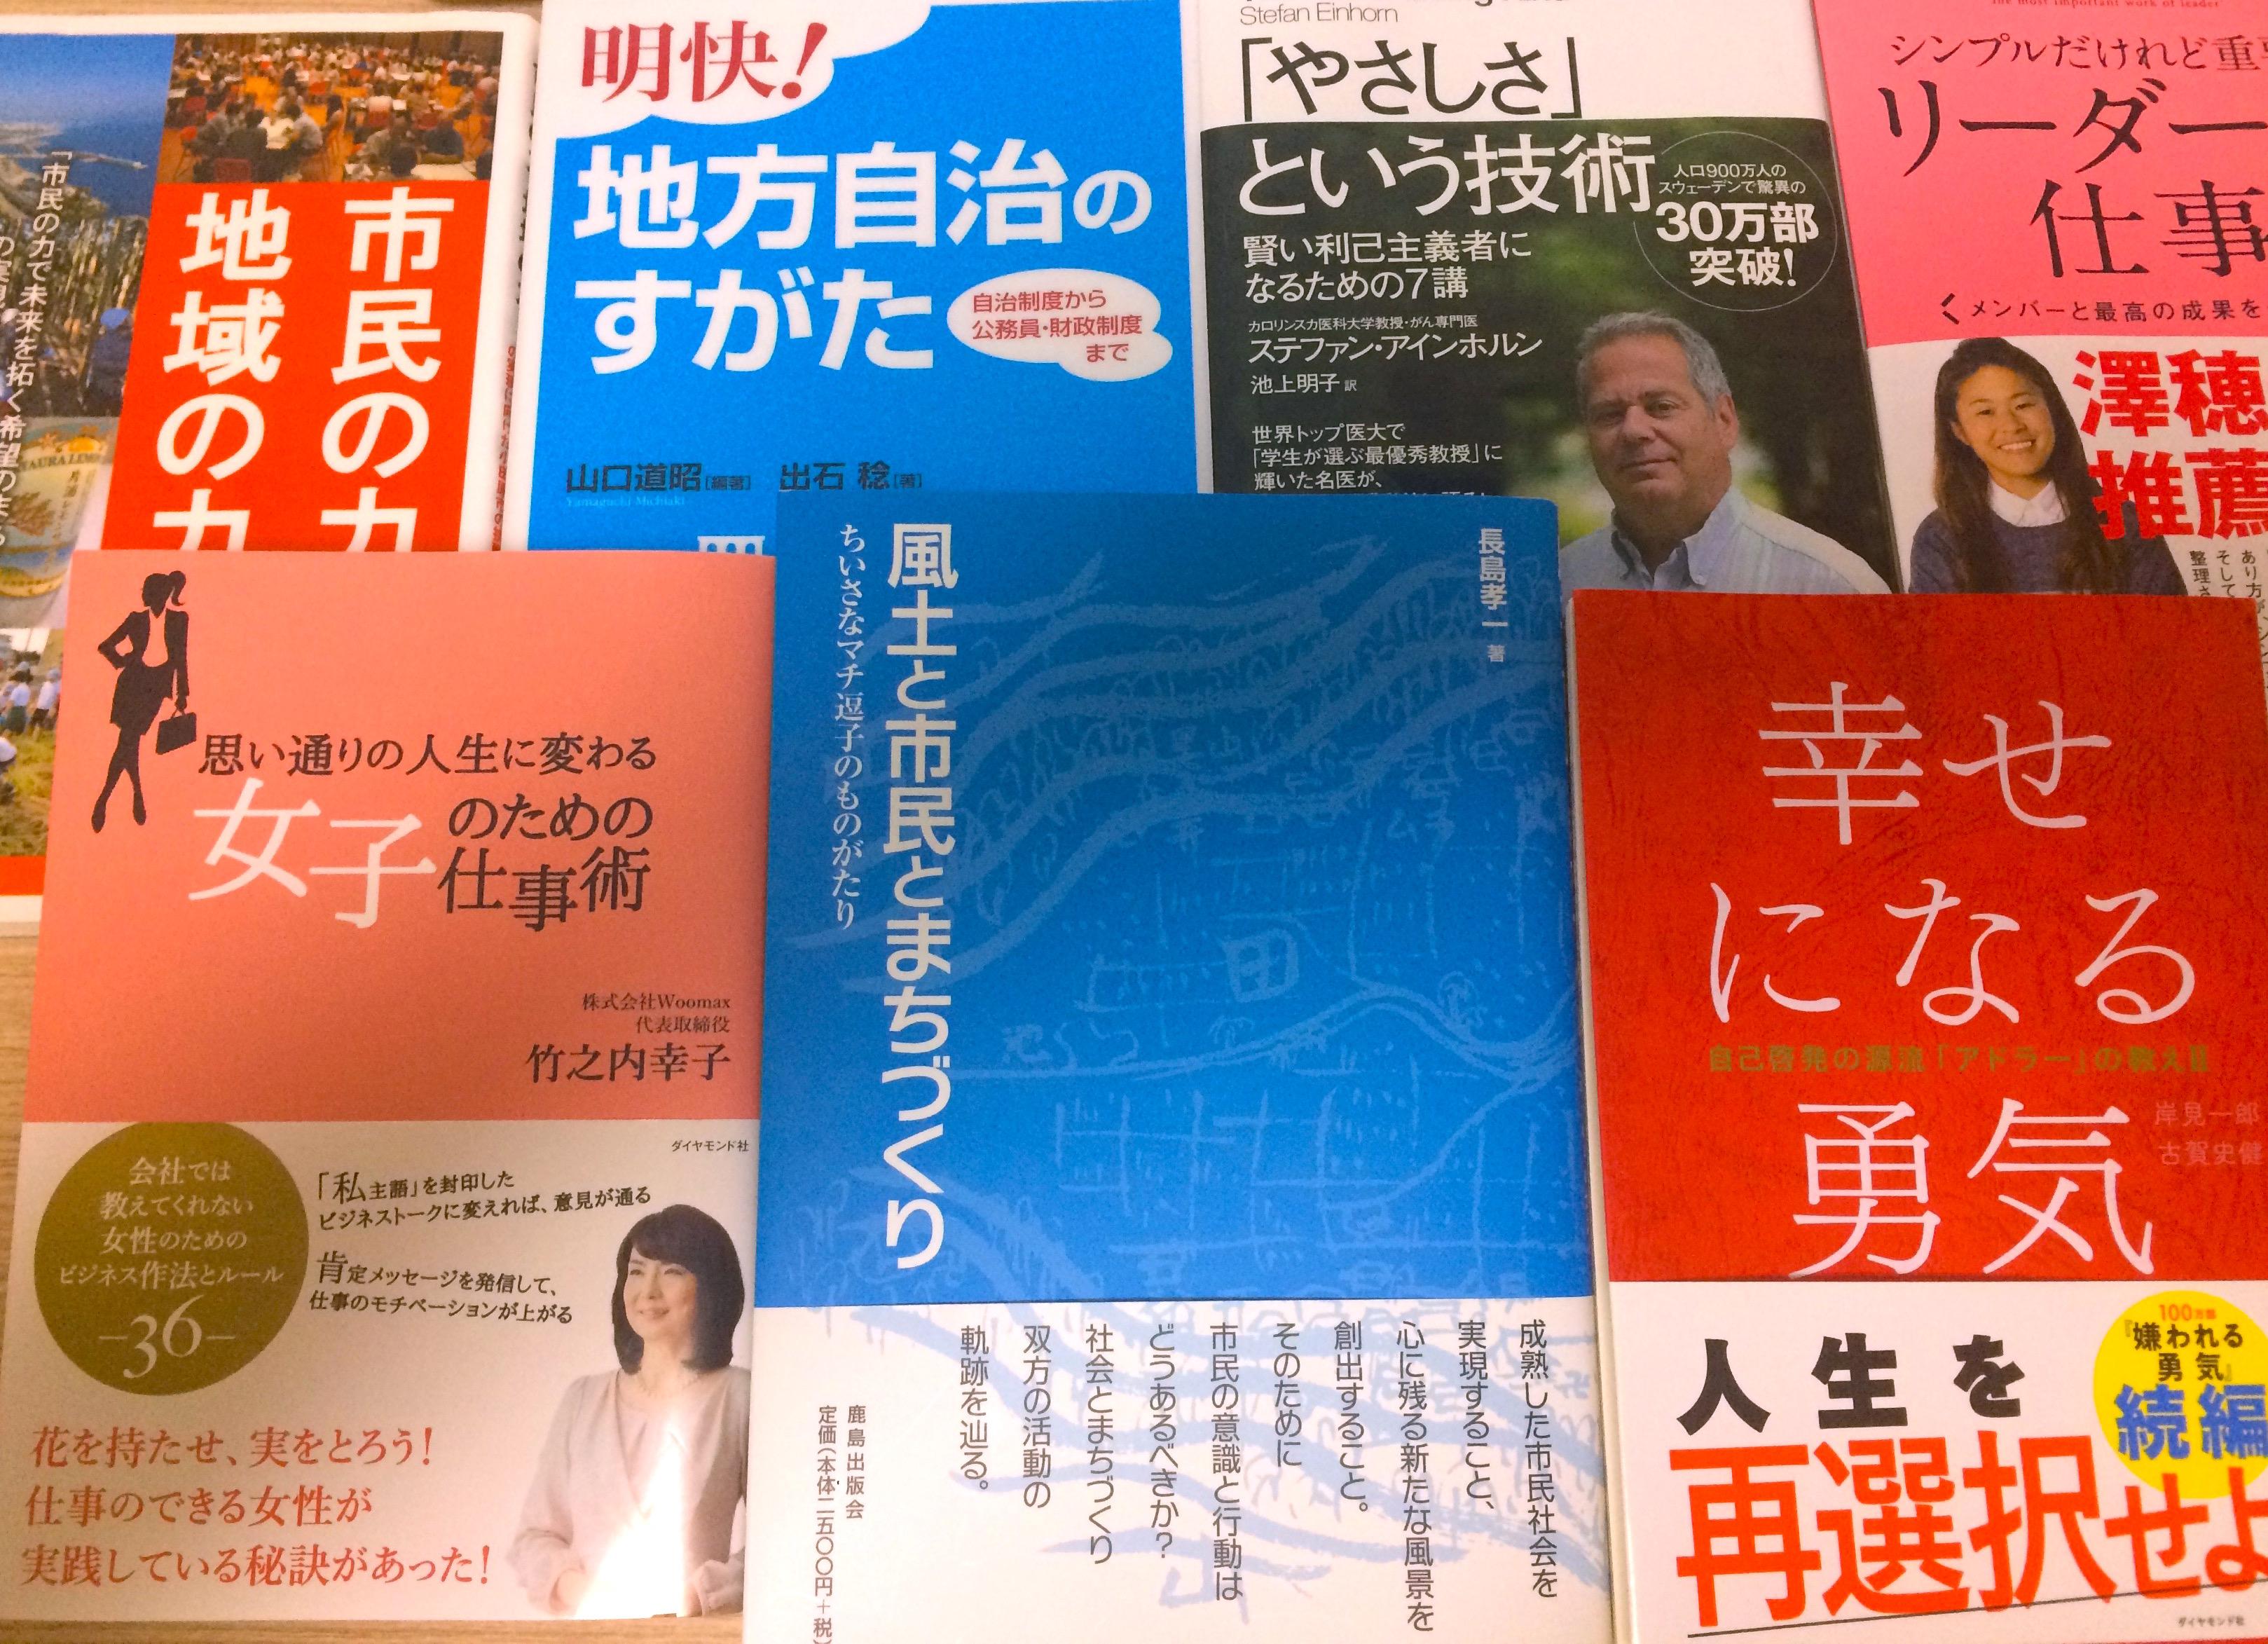 逗子のことを深く知りたい人の必読書『風土と市民とまちづくり』長島孝一さん新刊